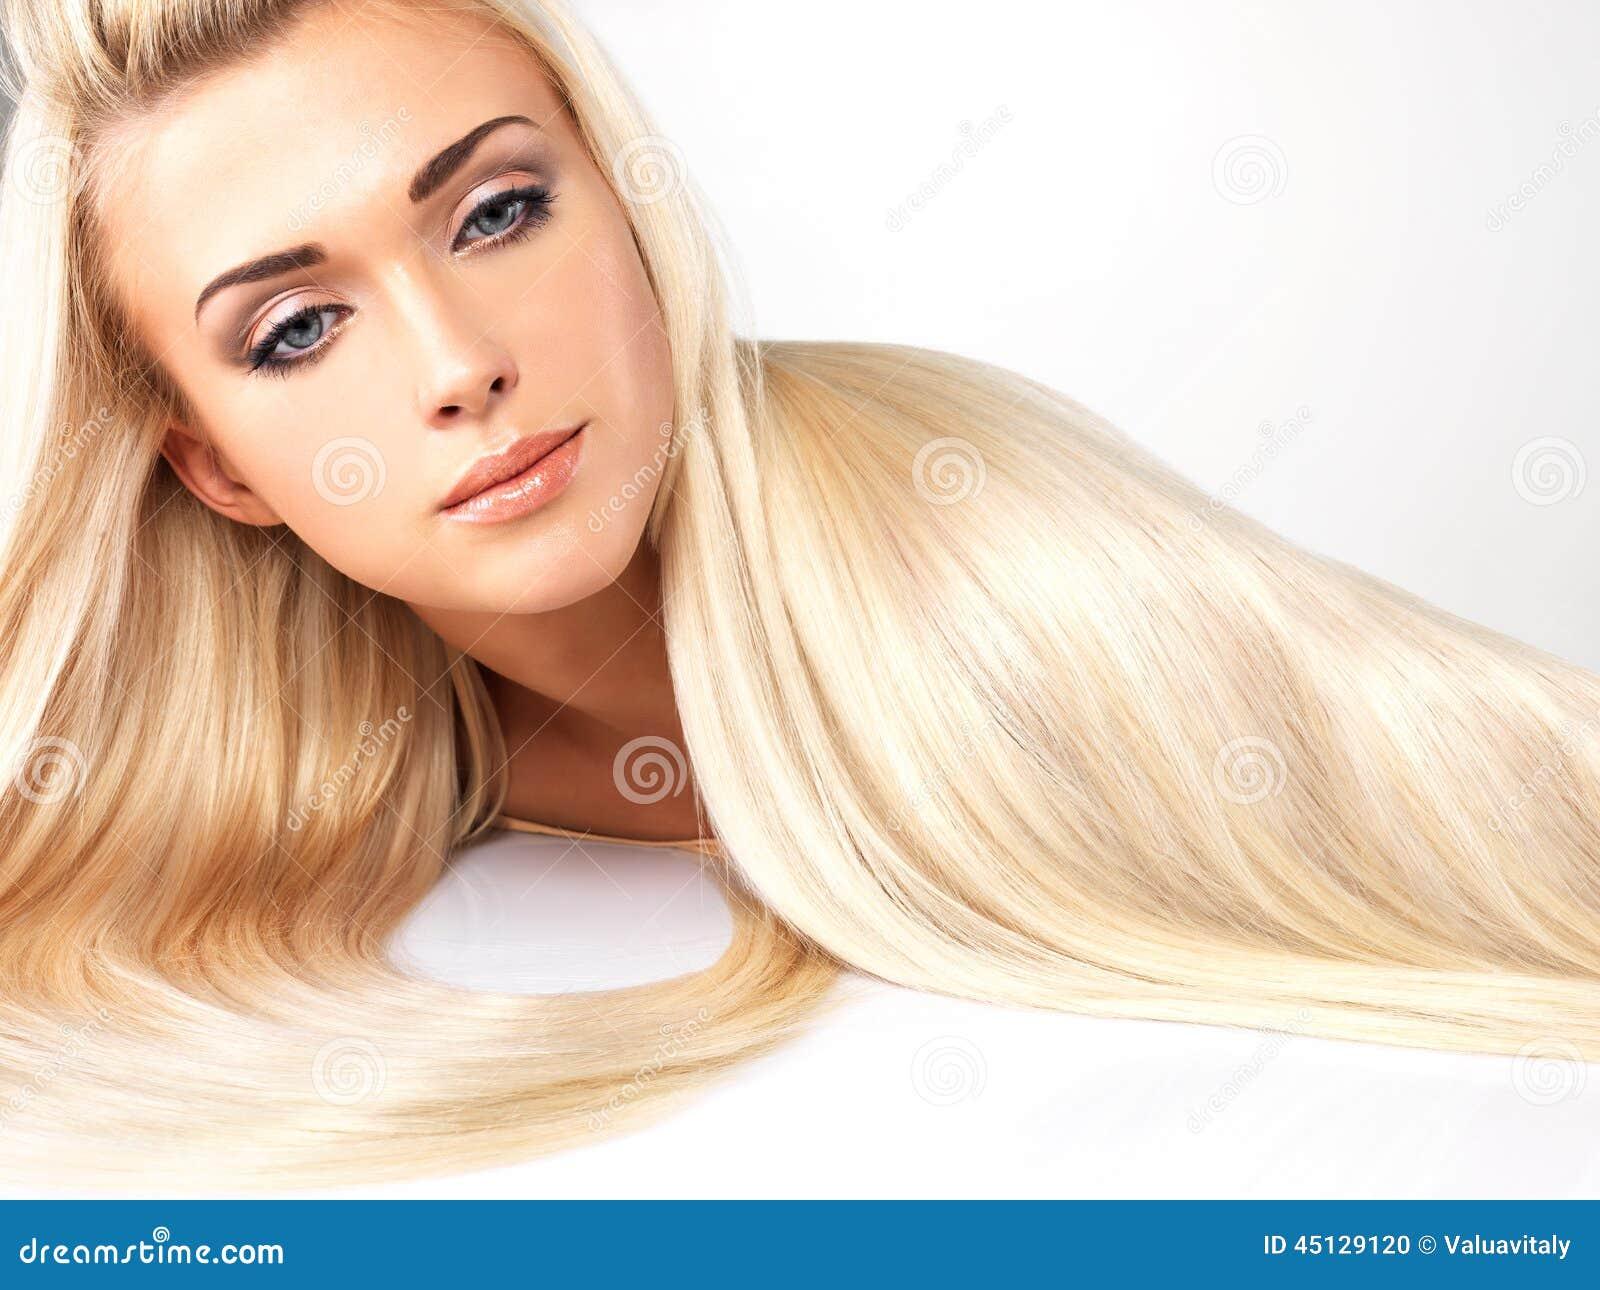 Пышные блондинки с длинными волосами 8 фотография